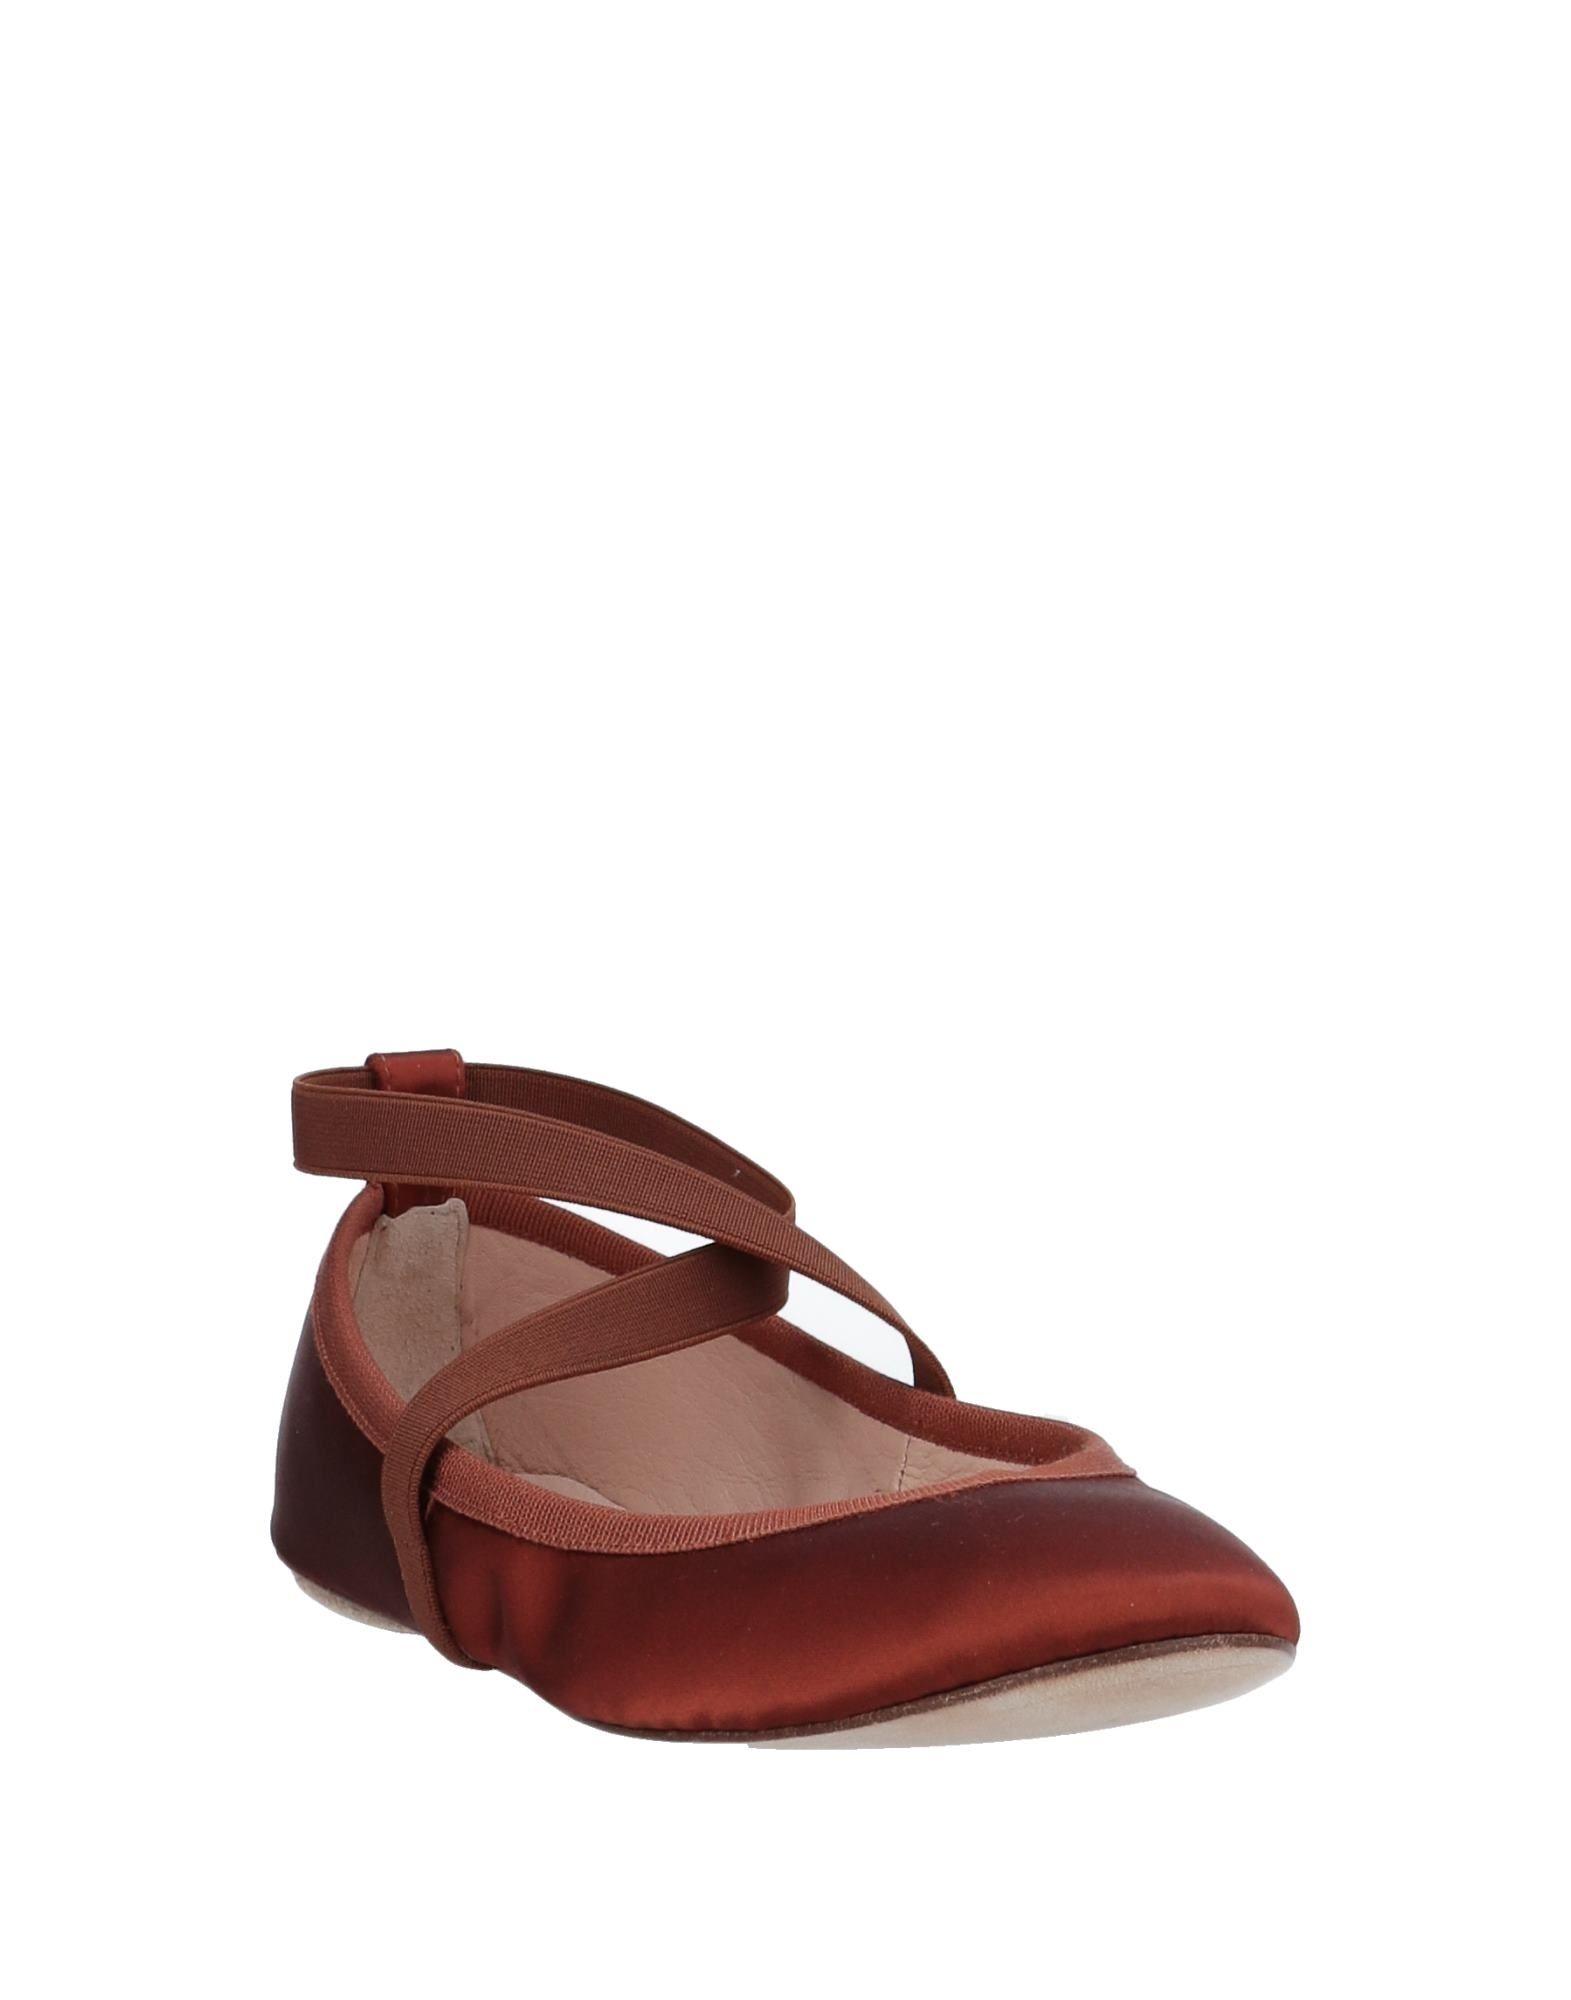 Gielle Ballerinas Qualität Damen  11565285QH Gute Qualität Ballerinas beliebte Schuhe 573b46